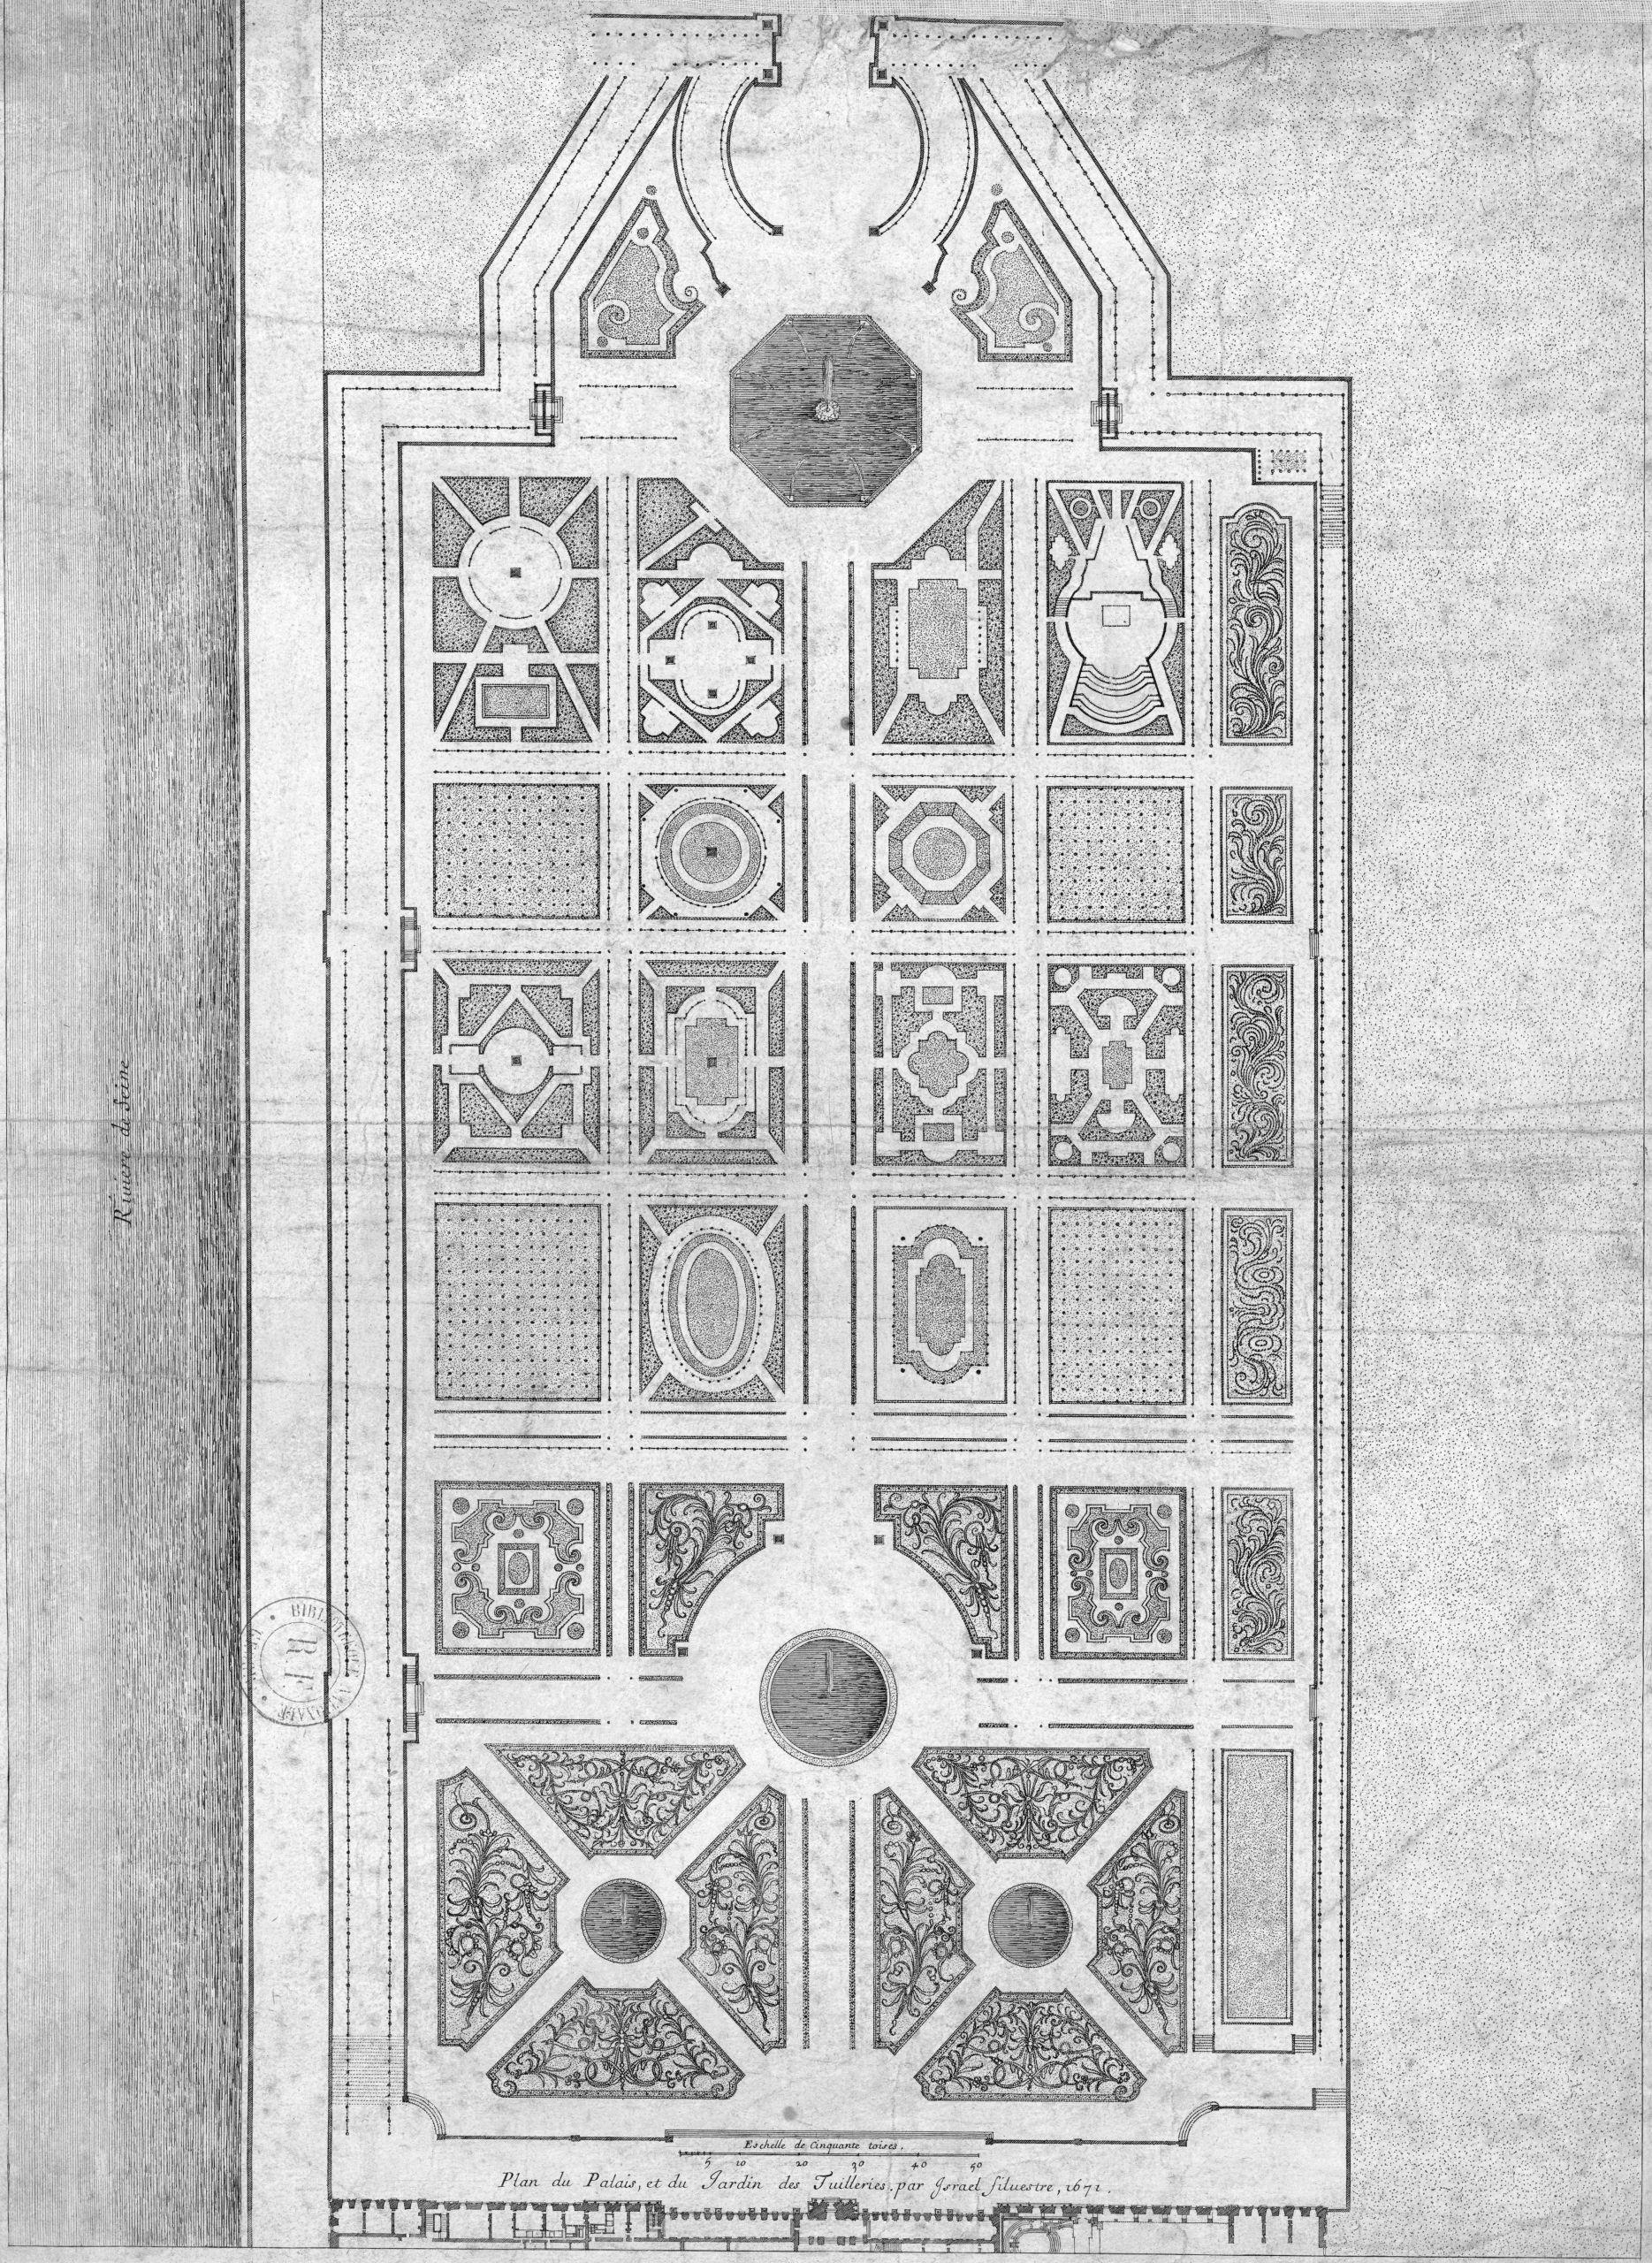 Plan du Jardin des Tuileries par Israel Silvestre 1671 Gallica 2011 adjusted